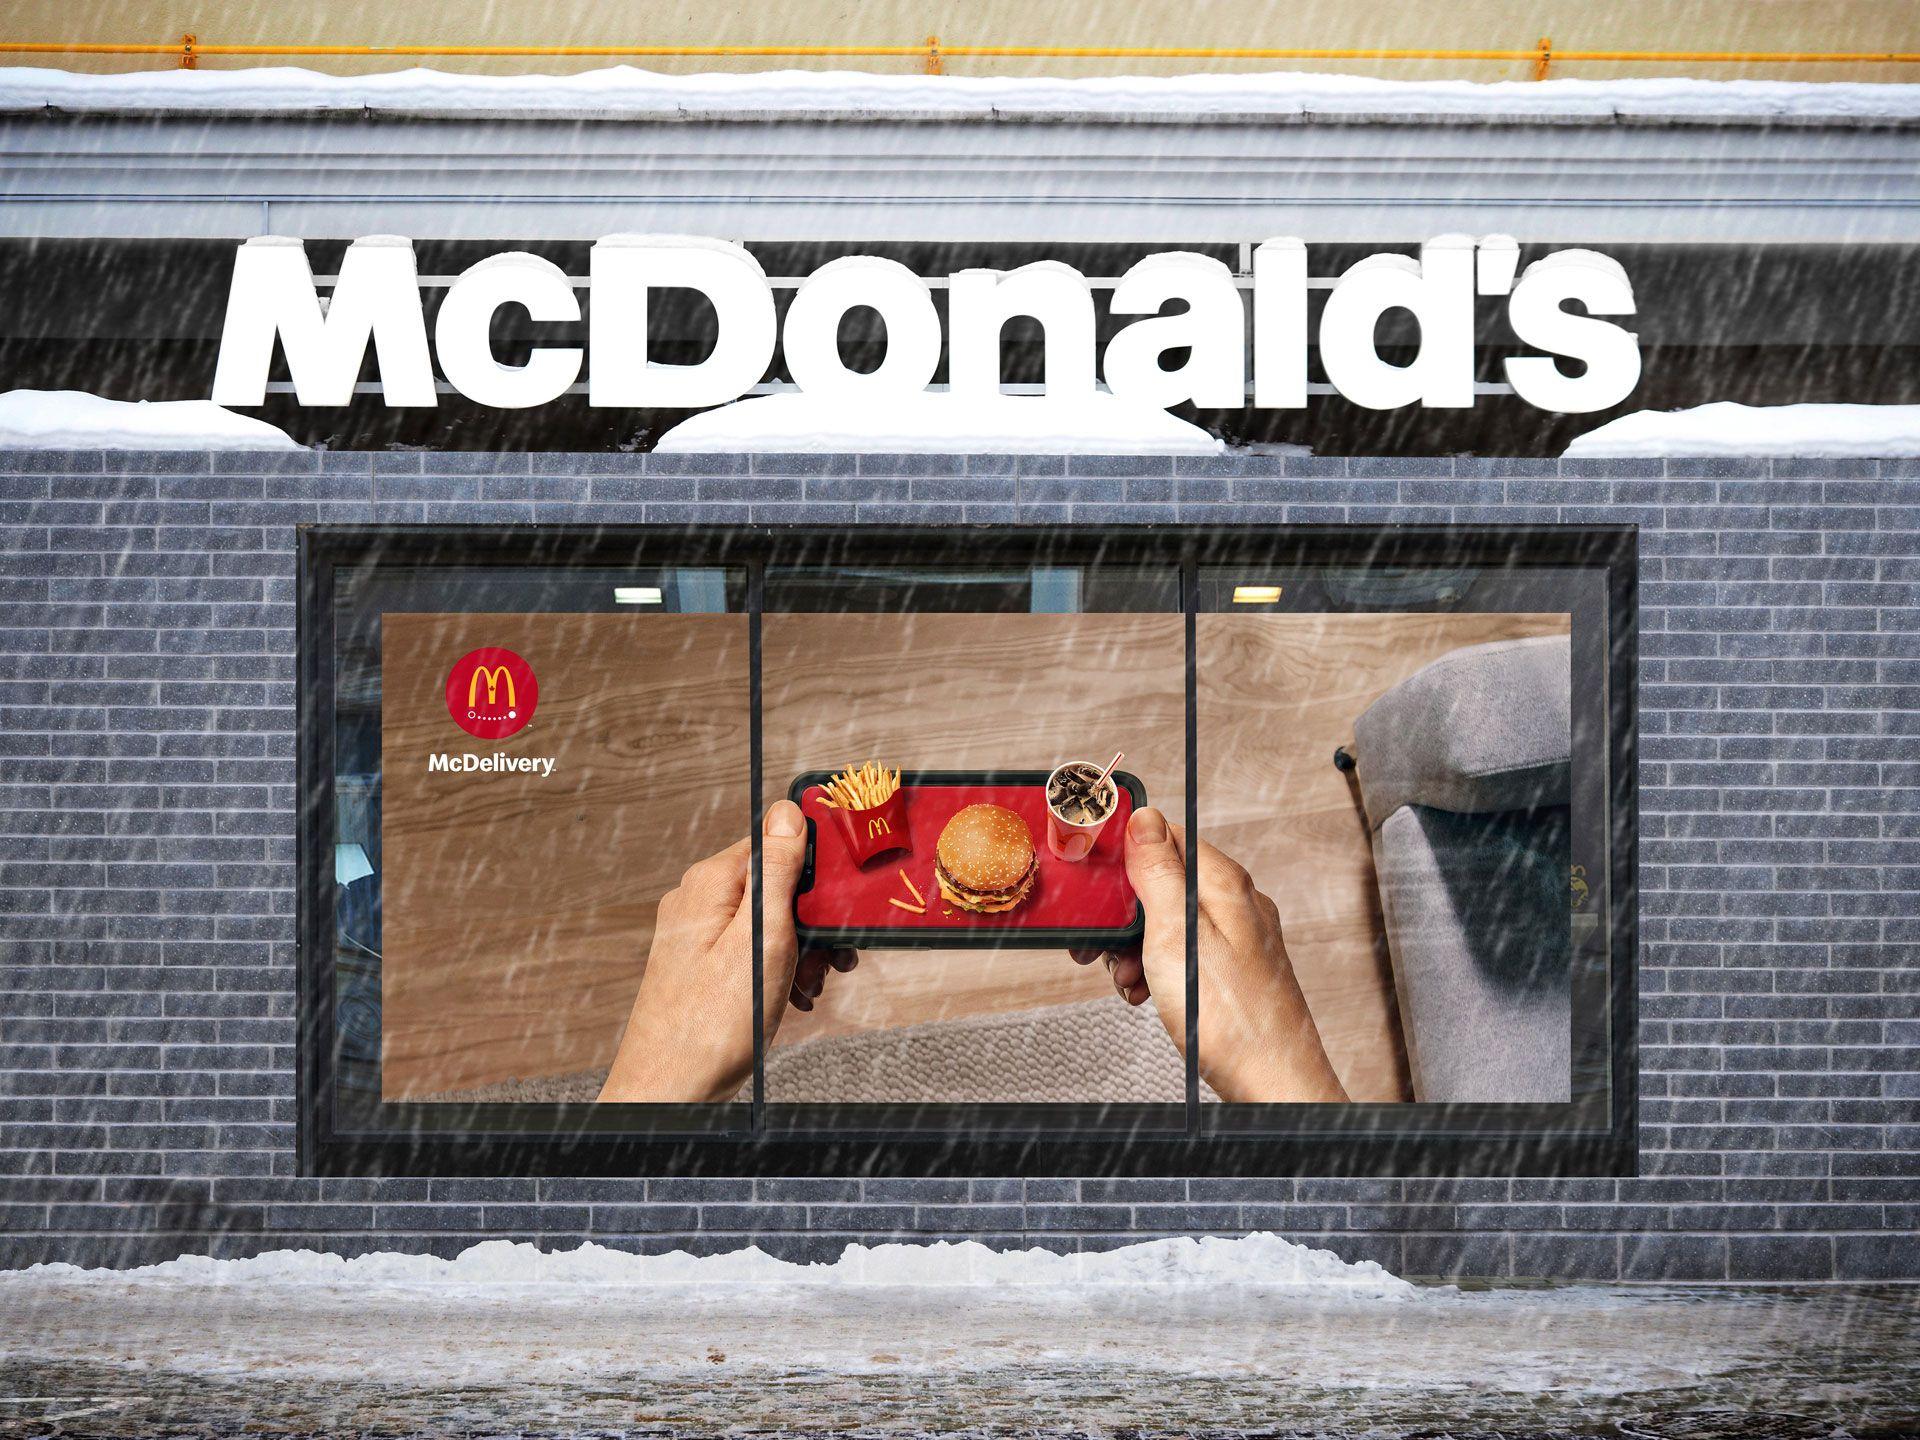 Scène d'hiver d'une fenêtre de McDonald's avec une affiche de l'image de la campagne à travers elle (des mains tenant un téléphone portable comme un plateau avec un trio dessus).